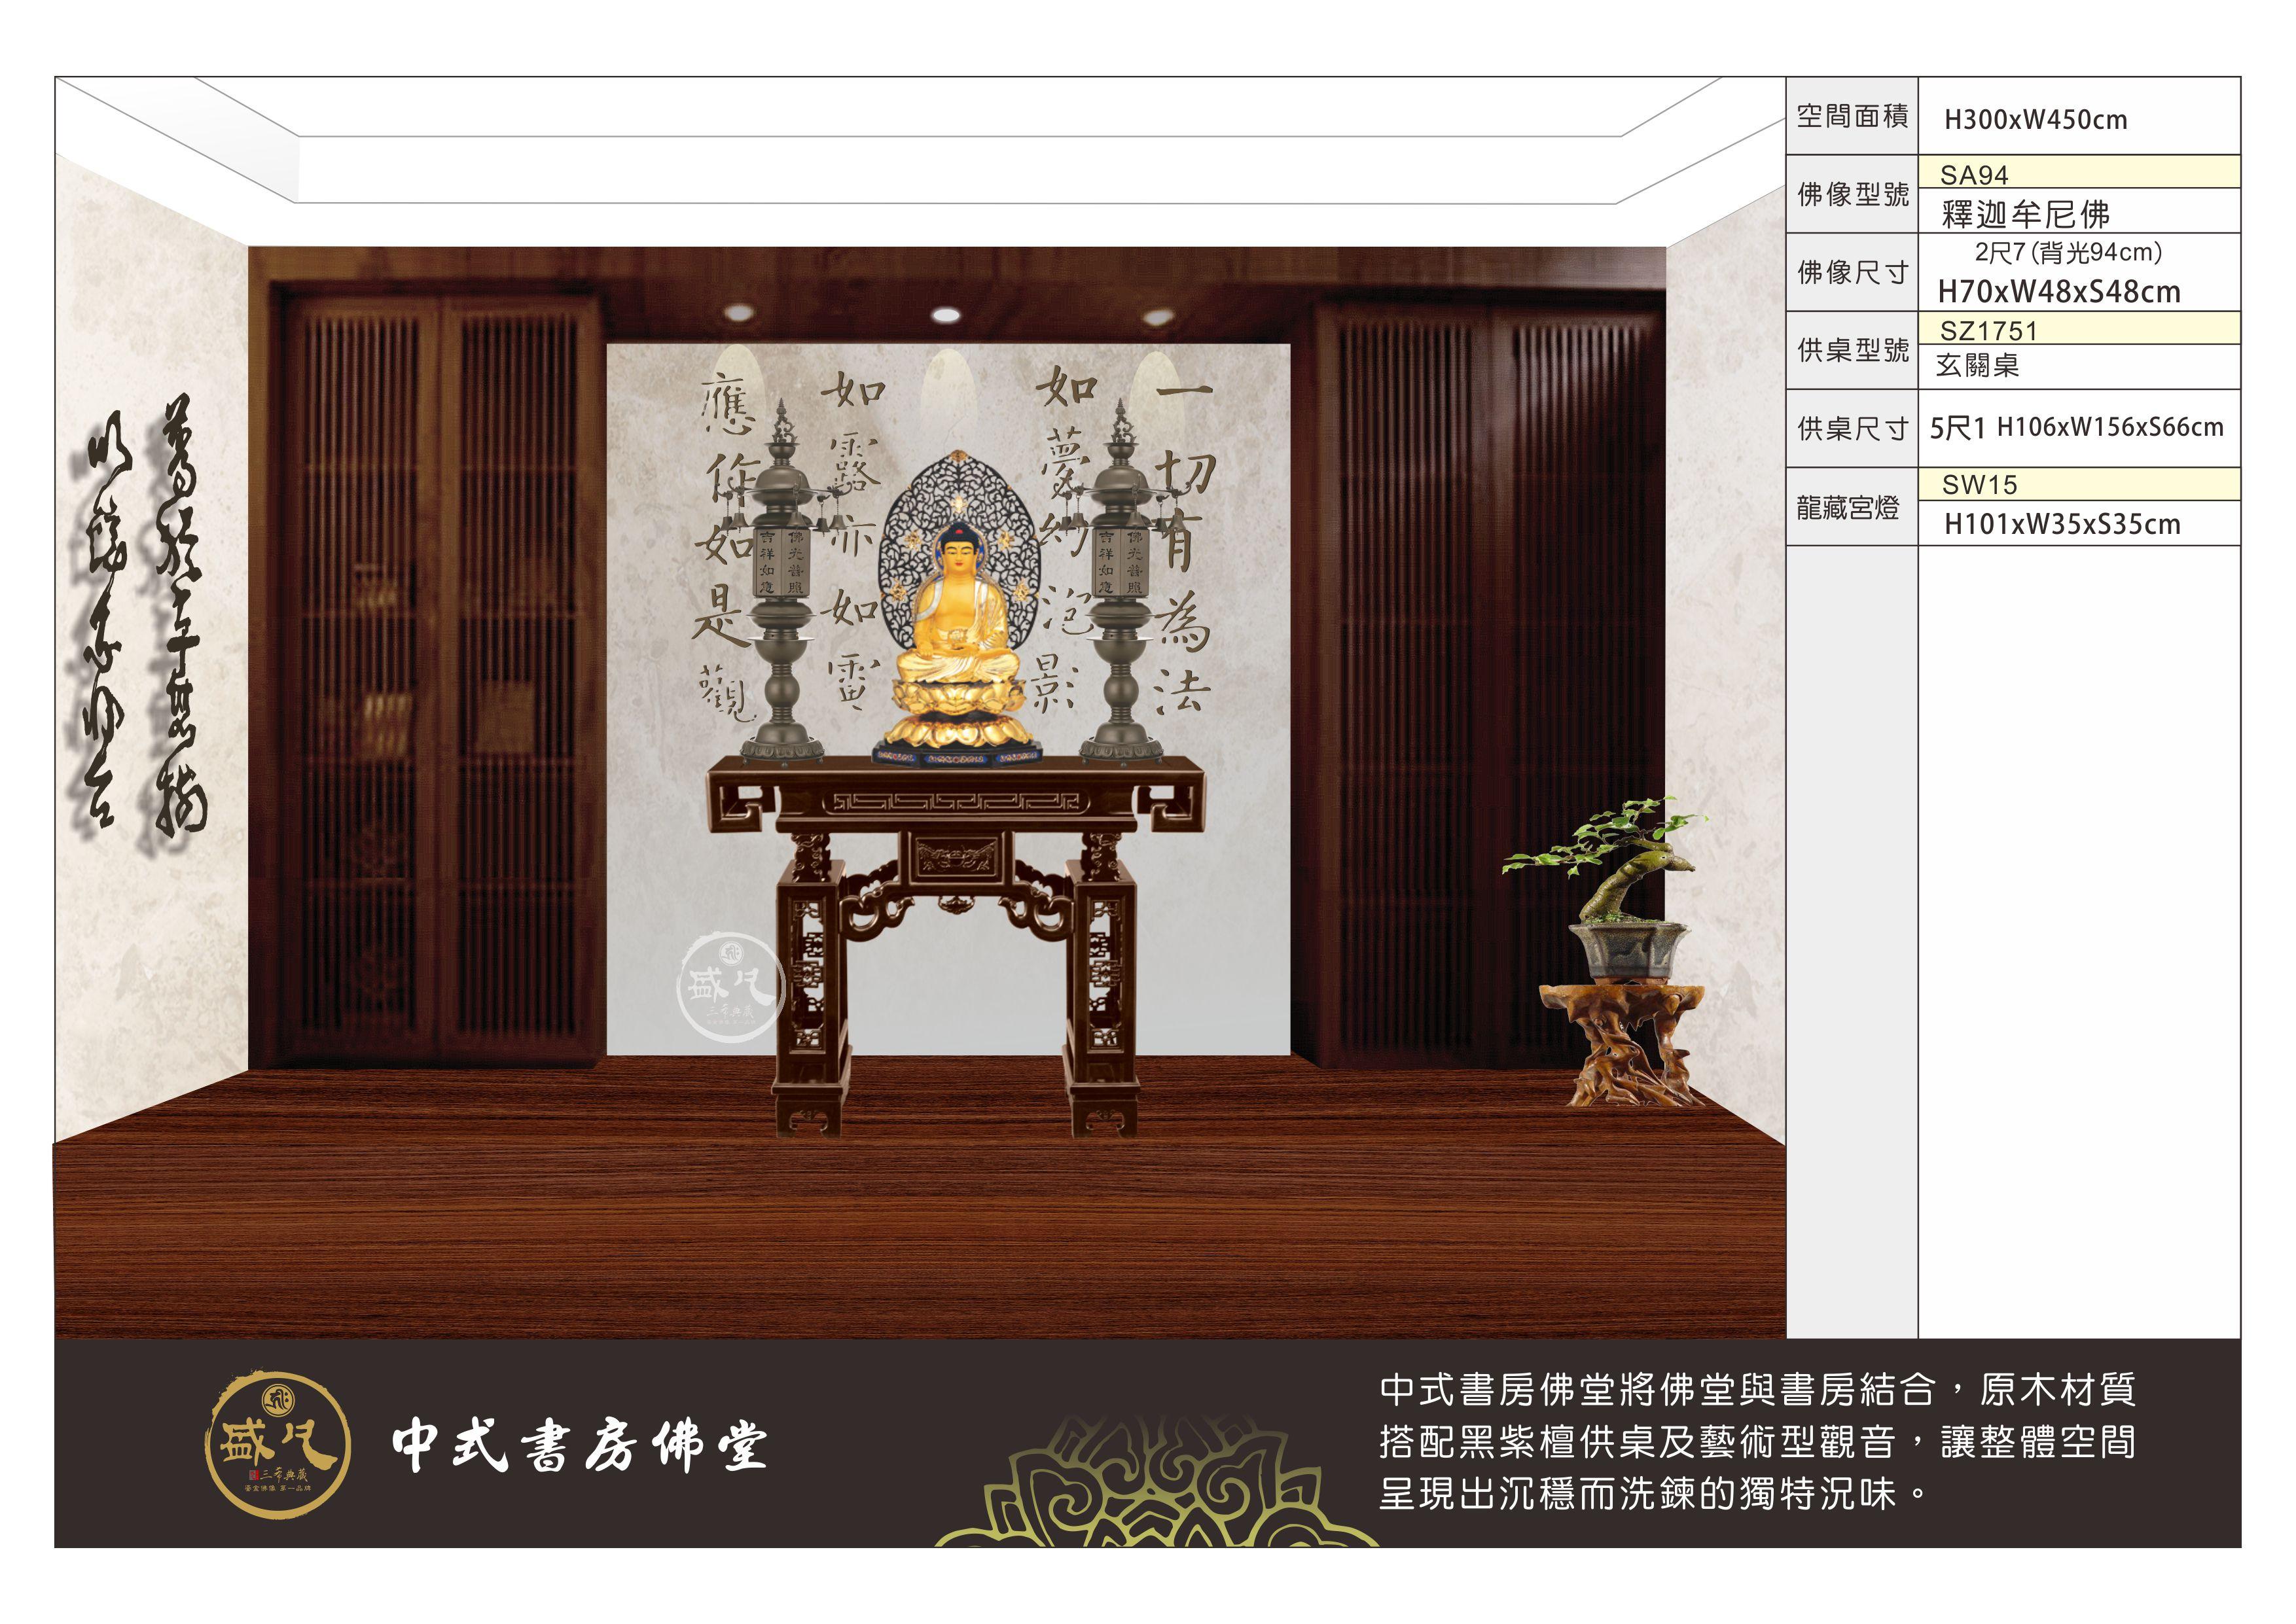 中式書房佛堂